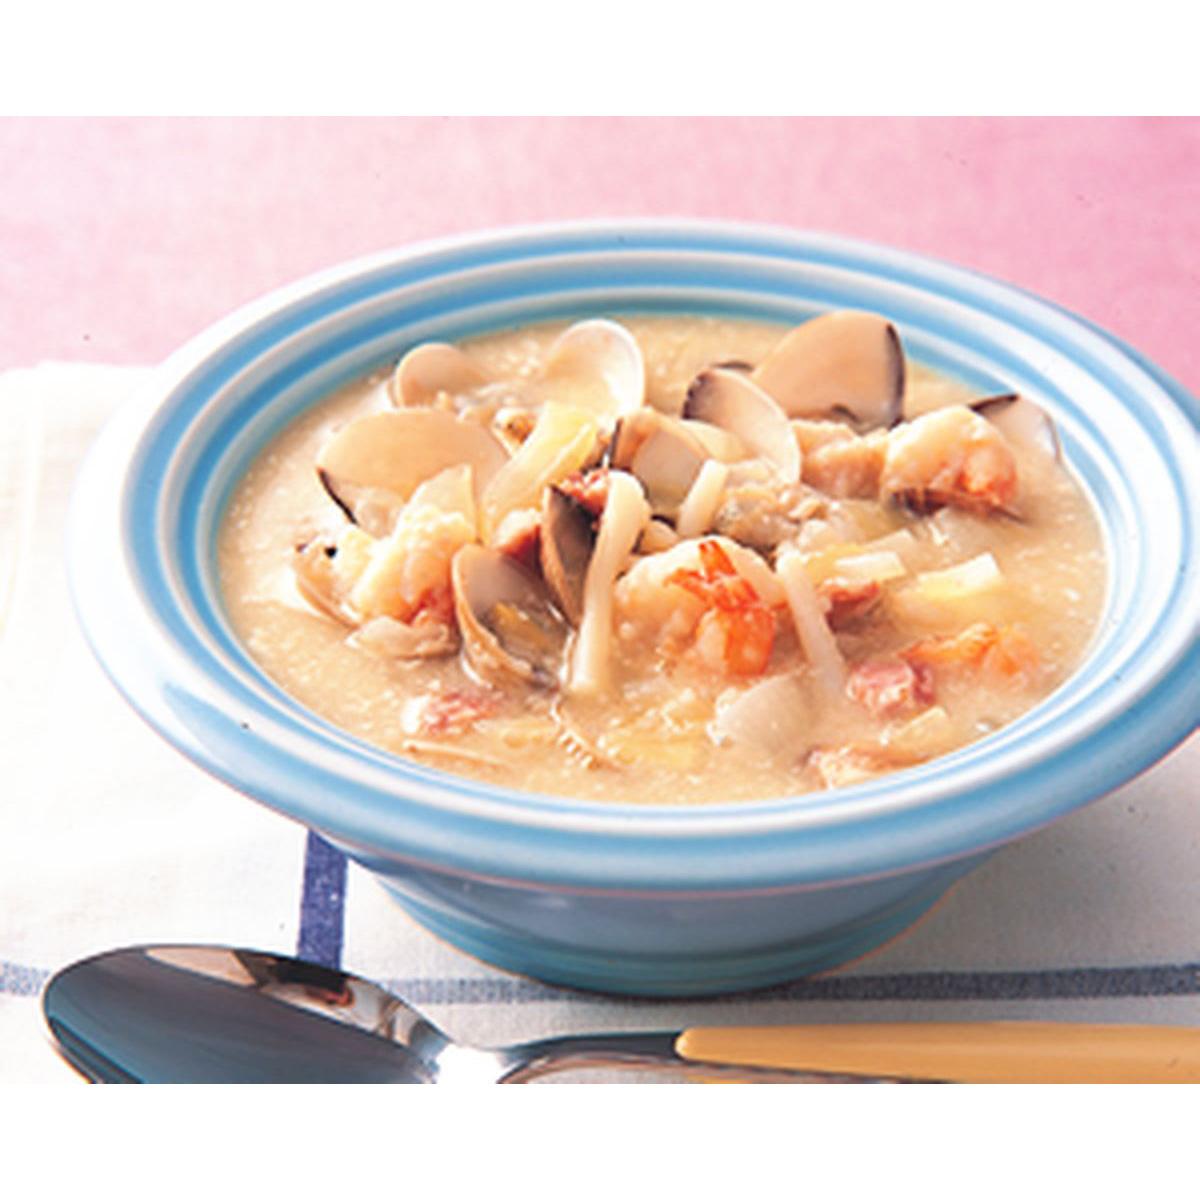 食譜:海鮮巧達湯